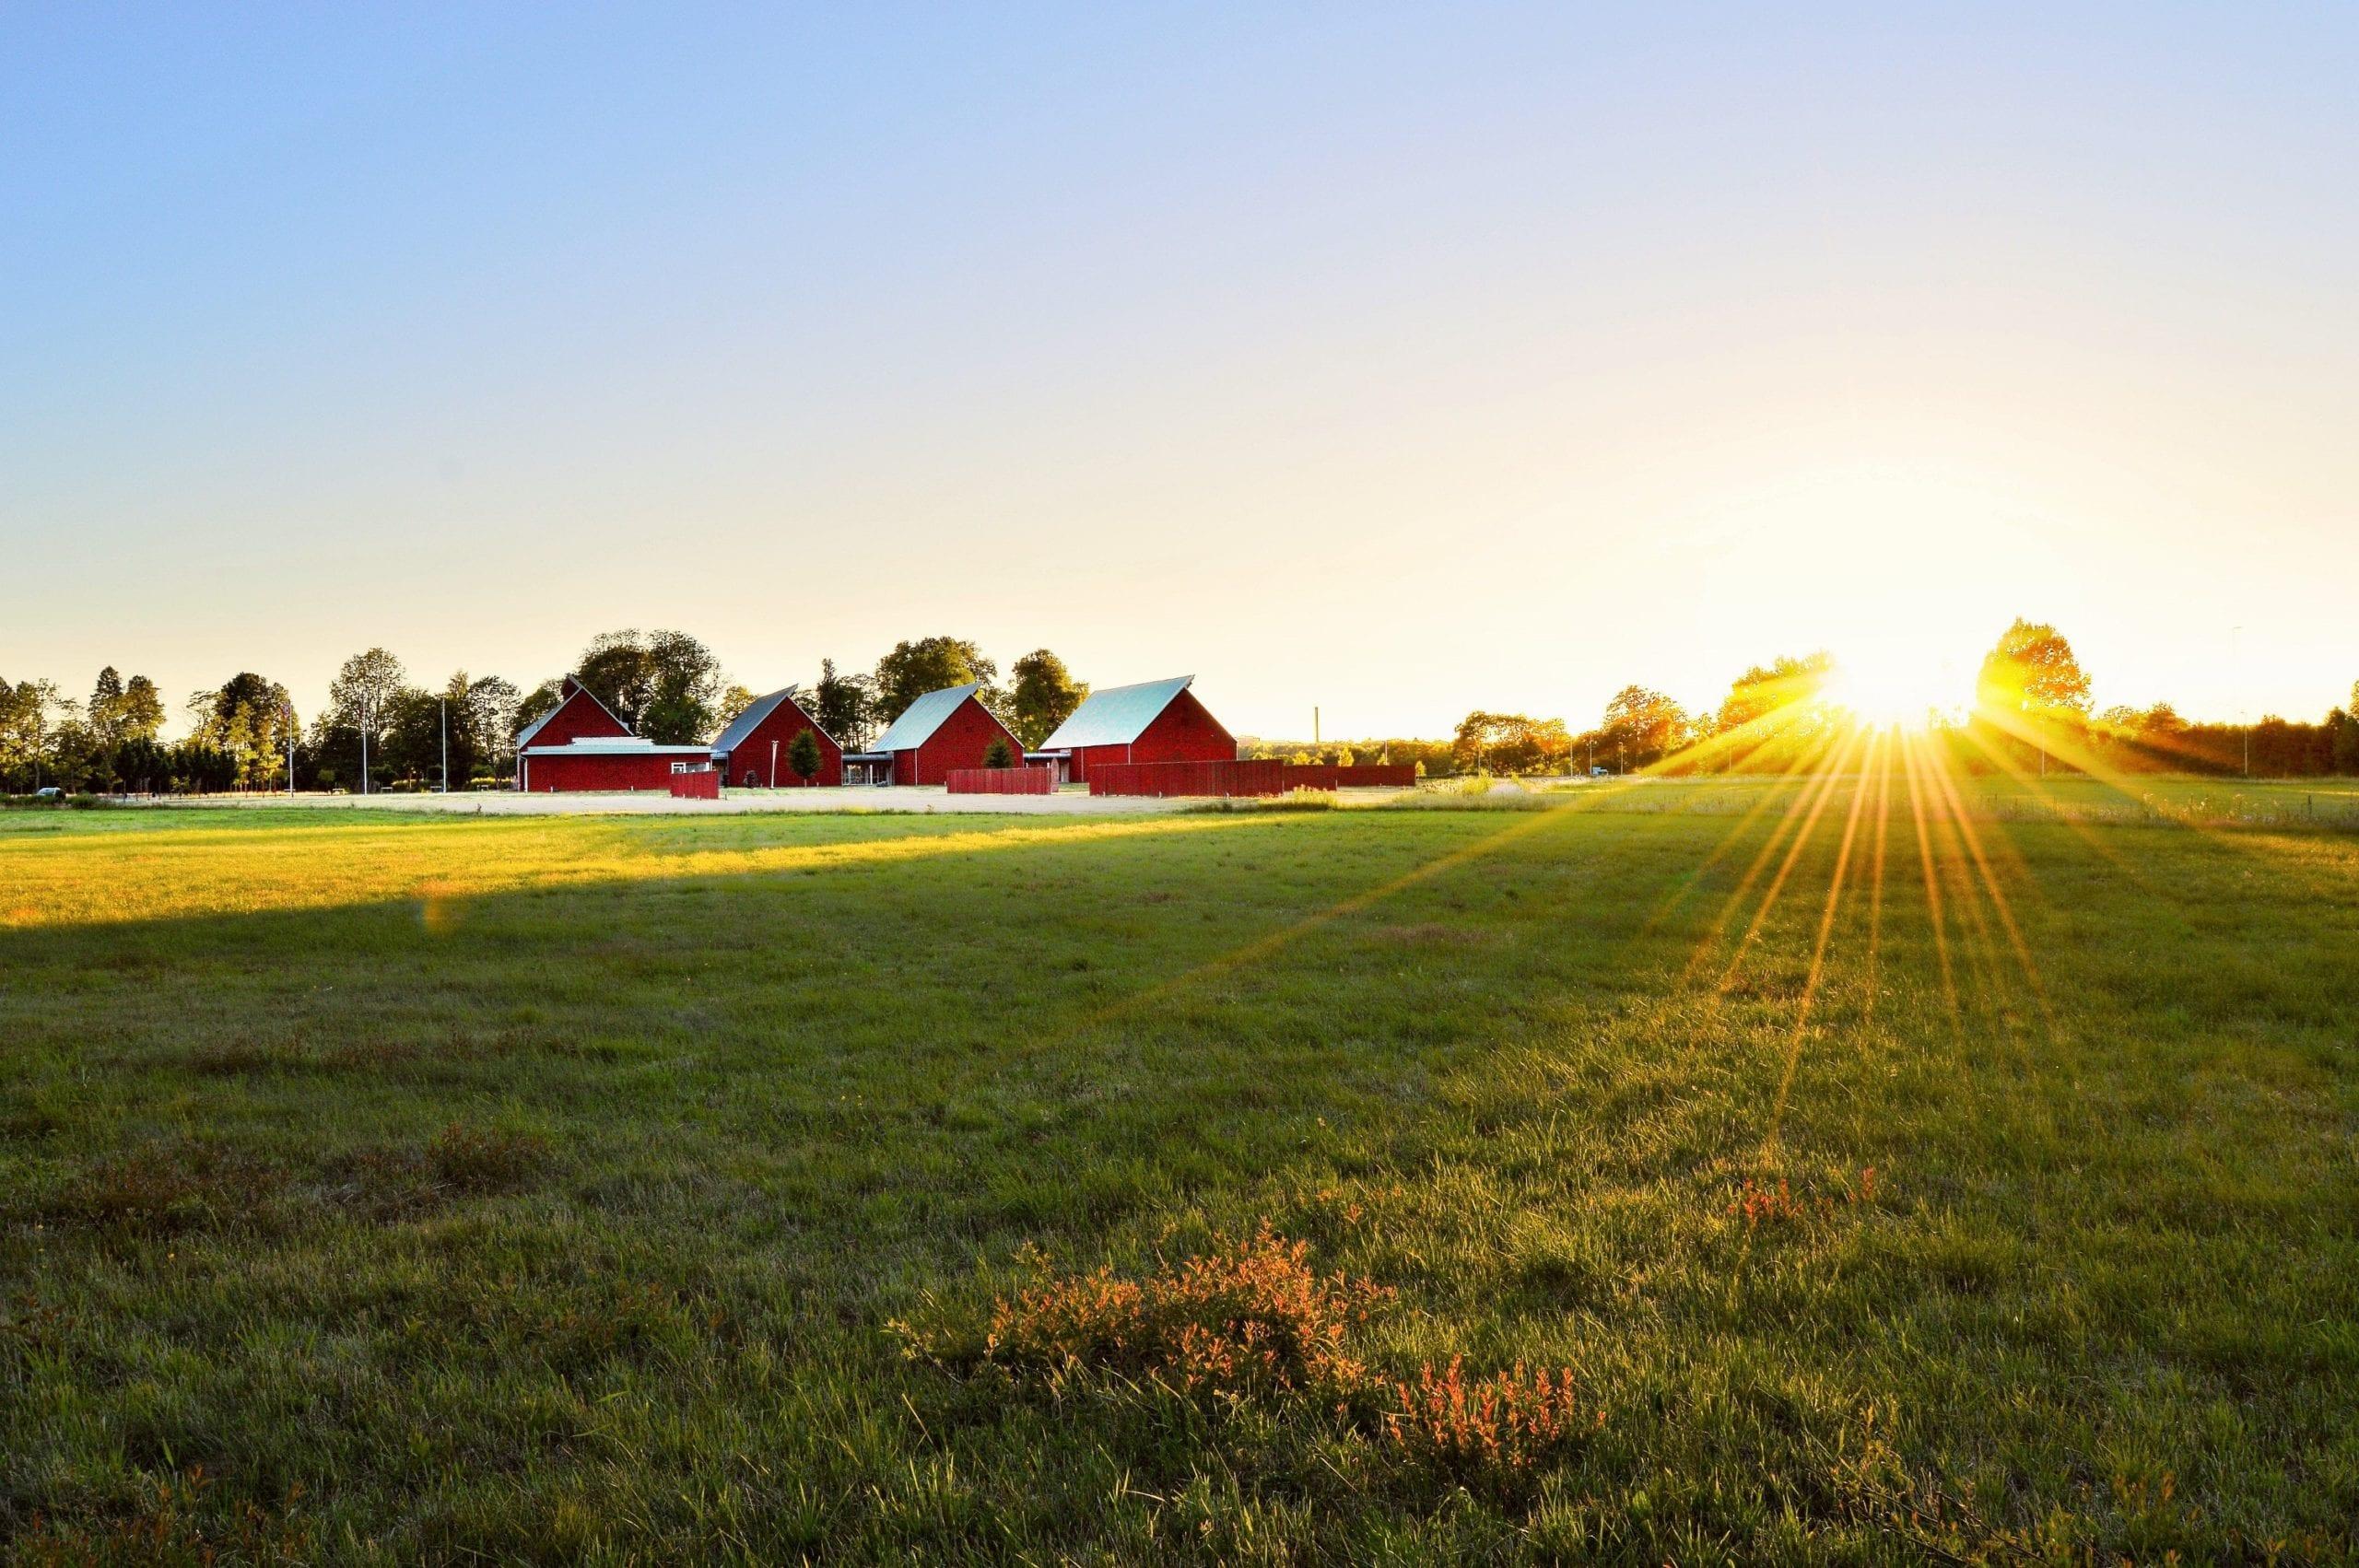 green-grass-field-near-house